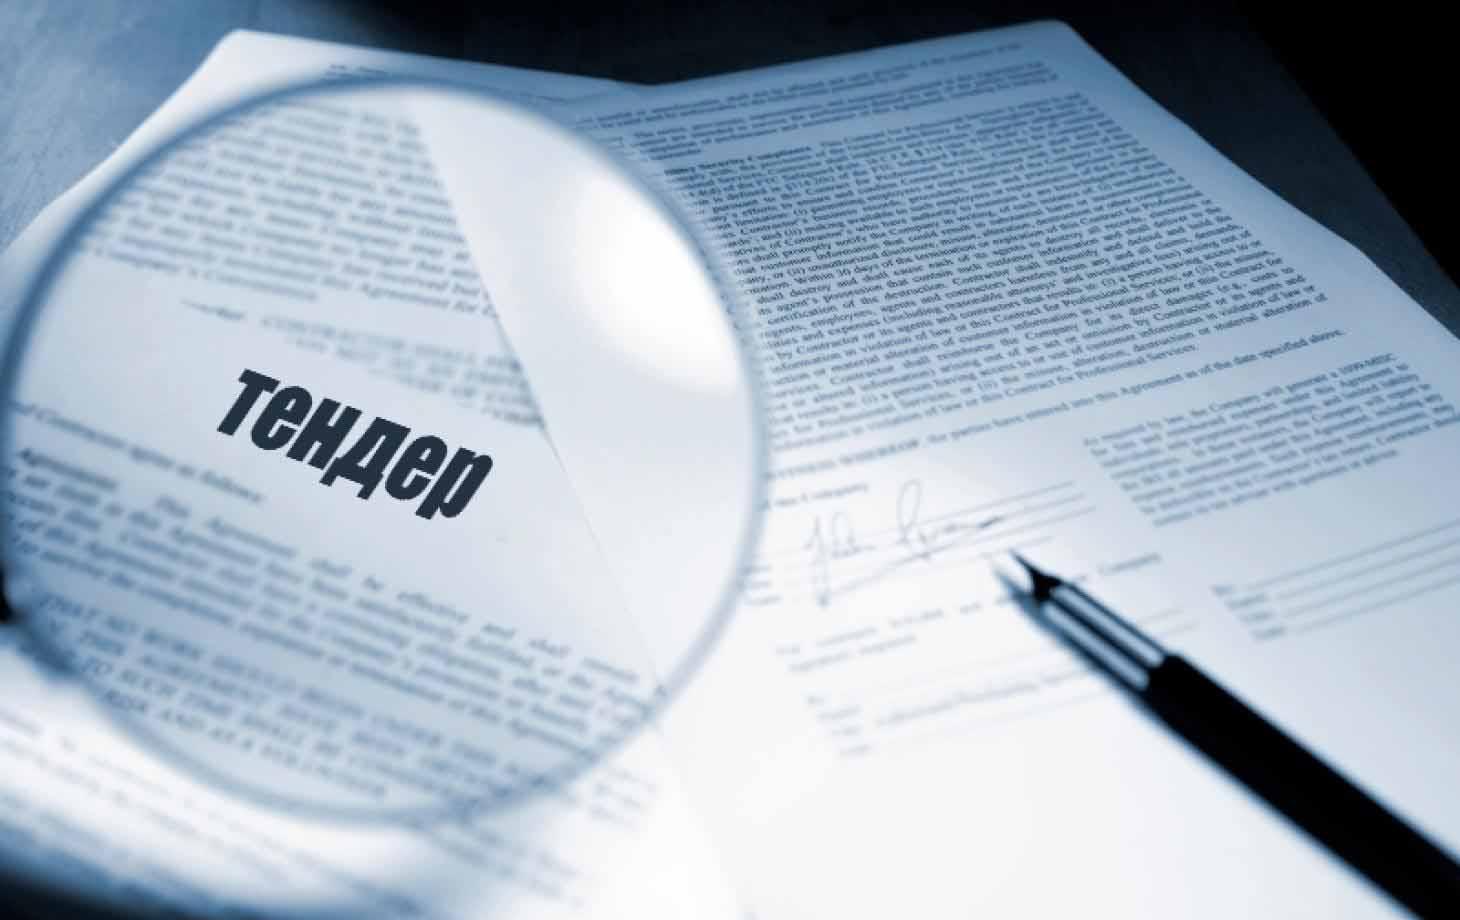 Срок действия банковской гарантии должен превышать срок действия контракта